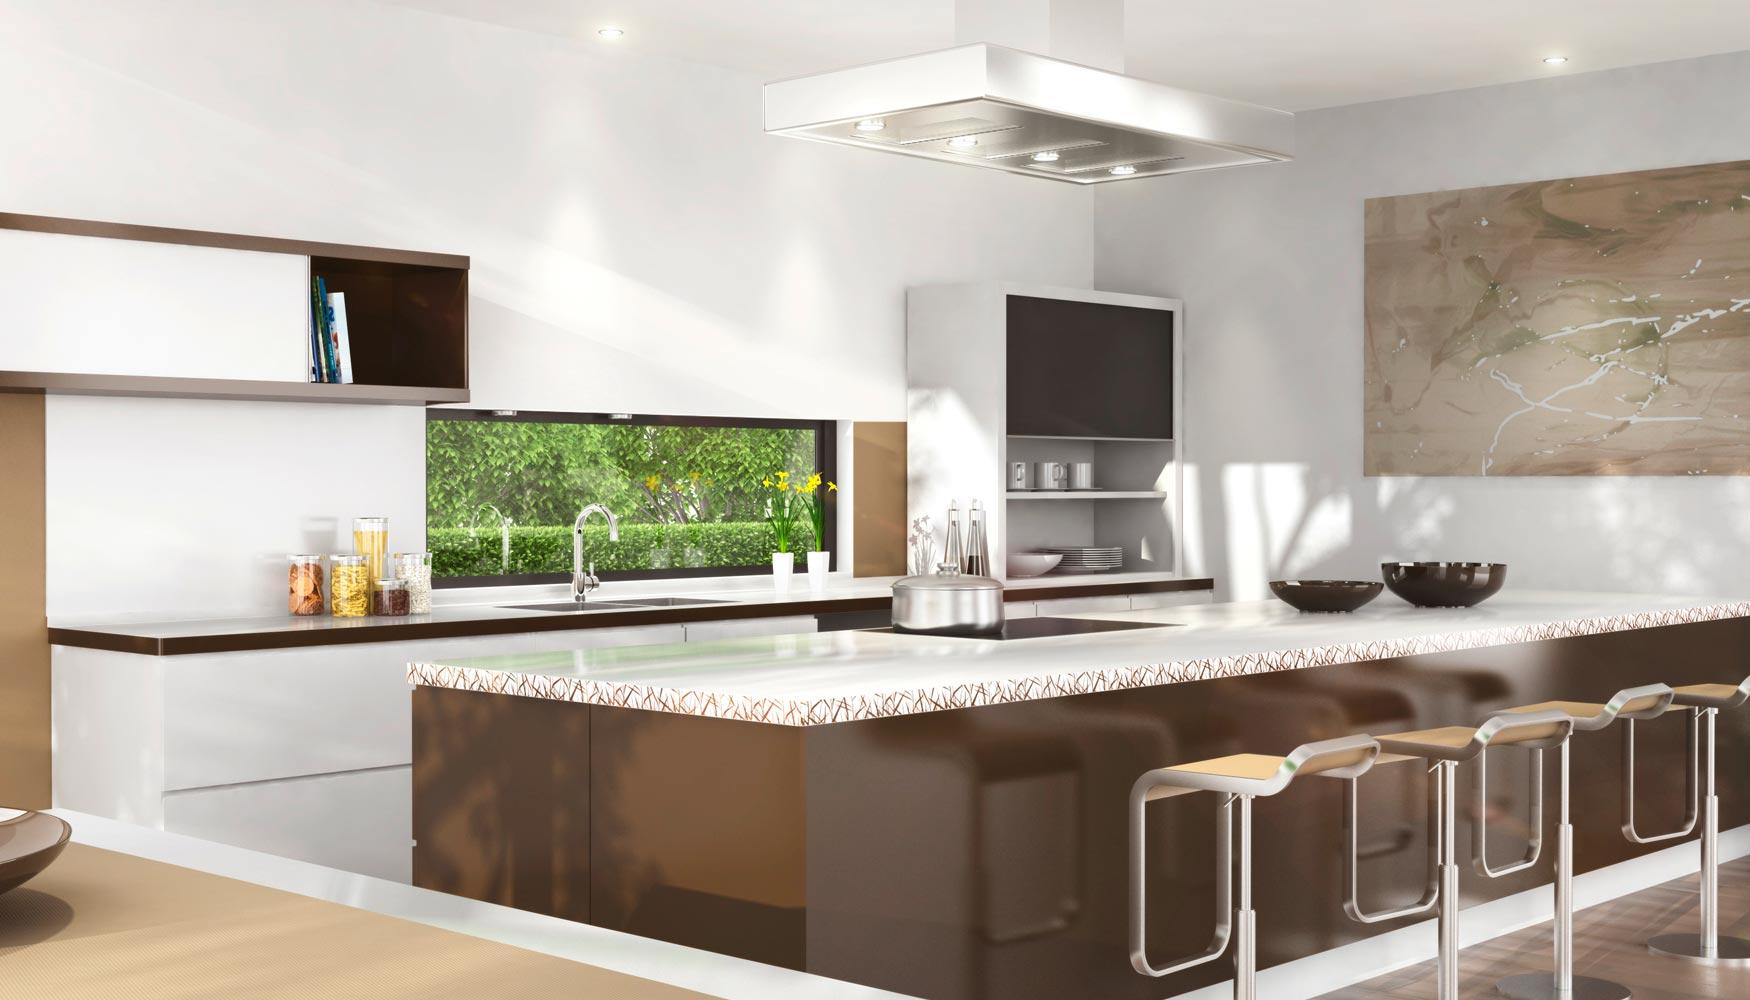 Rehau presenta sus soluciones para muebles - Decoración e Interiorismo